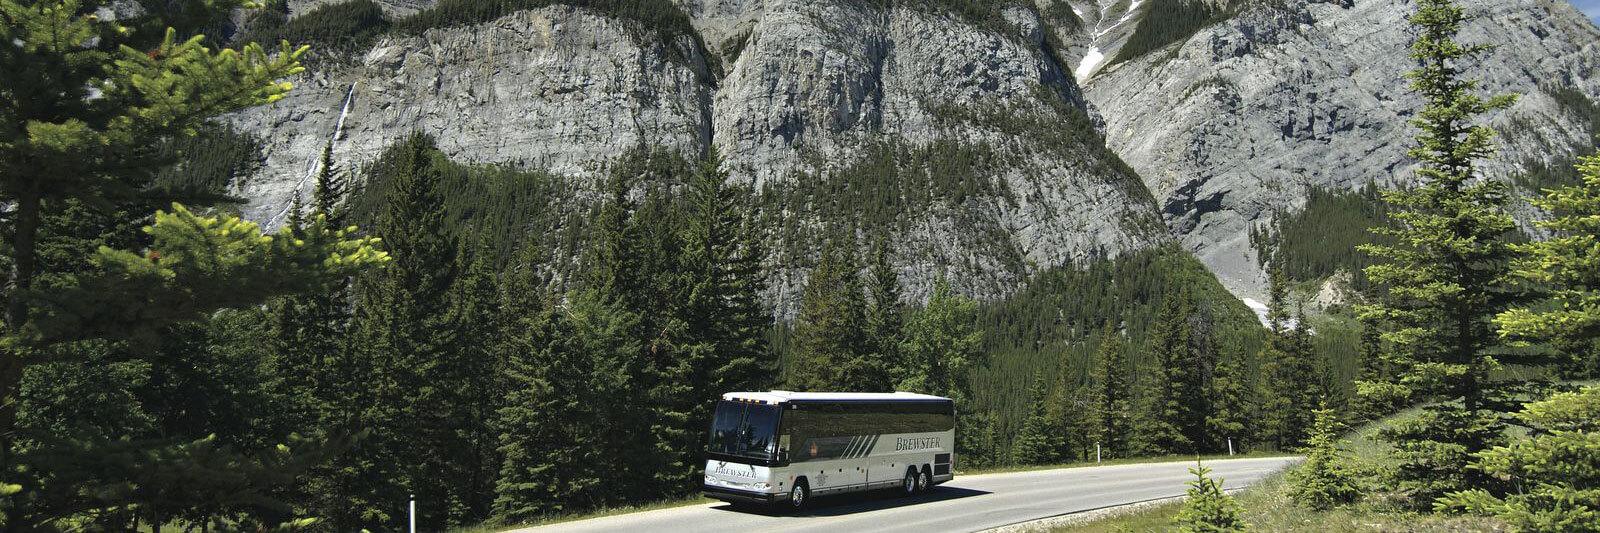 Brewster Motorcoach